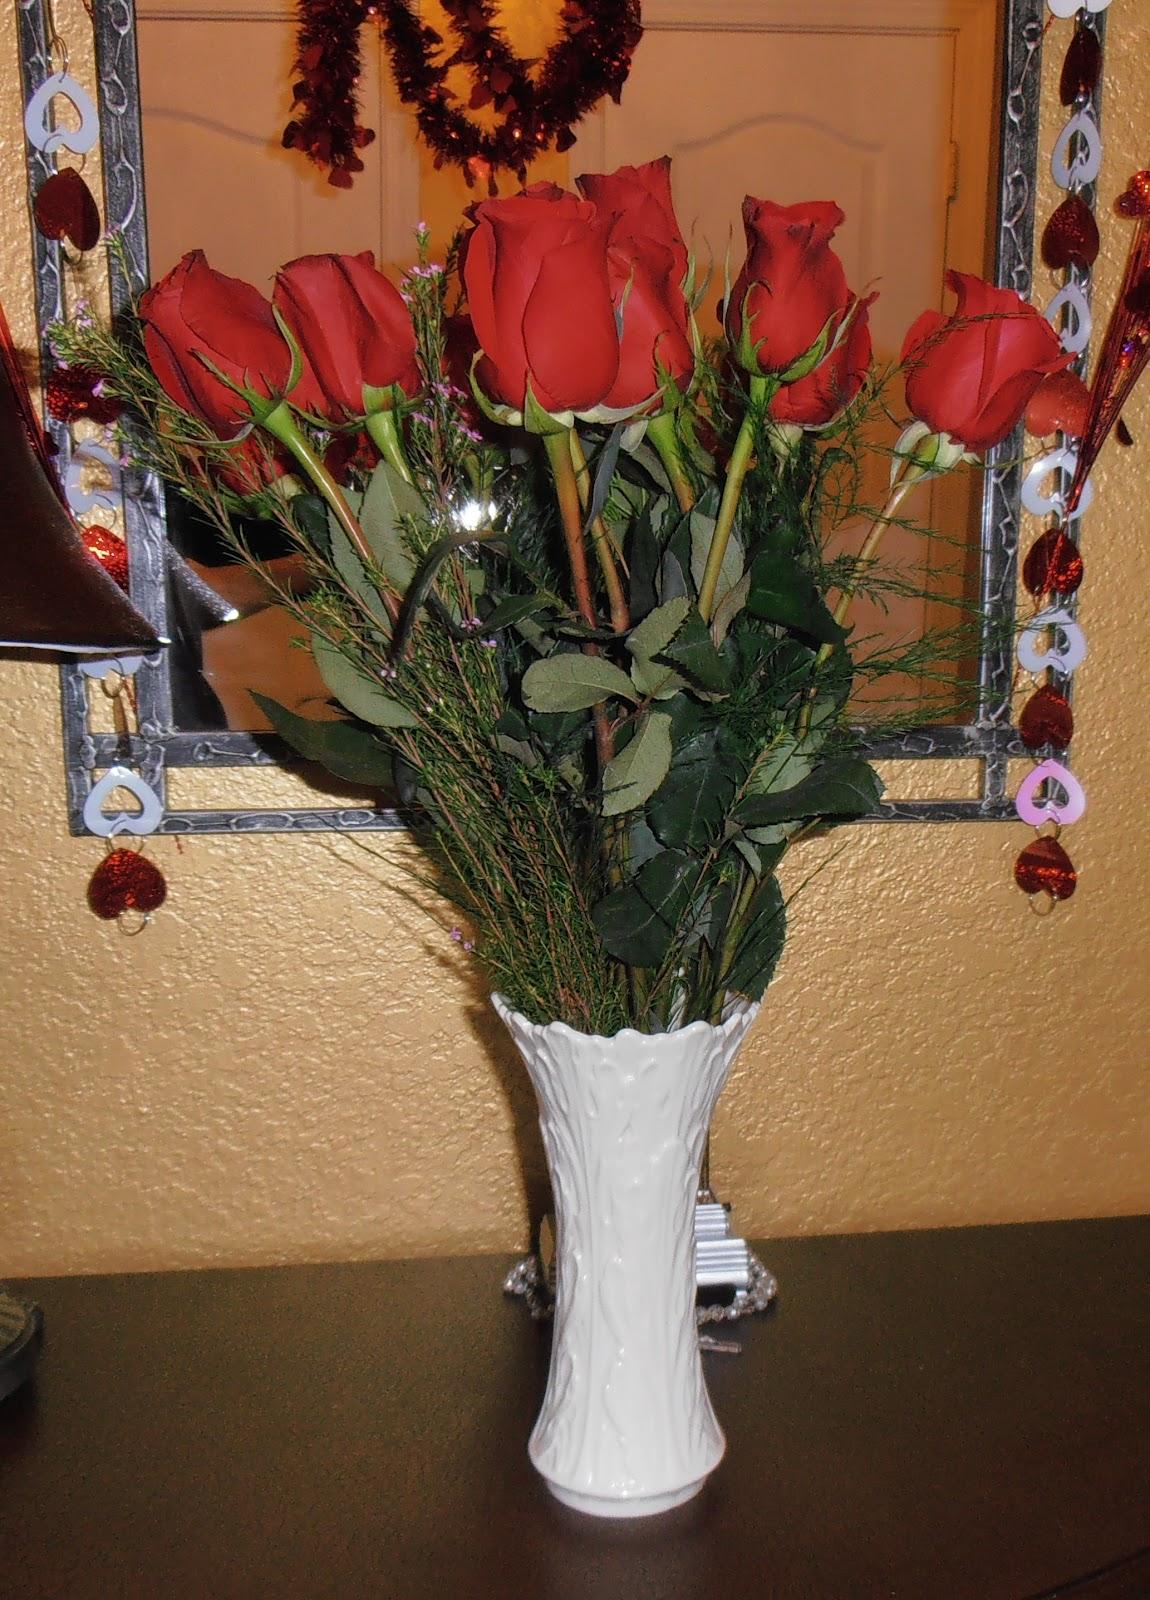 http://1.bp.blogspot.com/-uWSsSemvCXg/TzqMxxJpQ6I/AAAAAAAABhc/-rV6HUb_RqA/s1600/P2140453+-+Copy.JPG